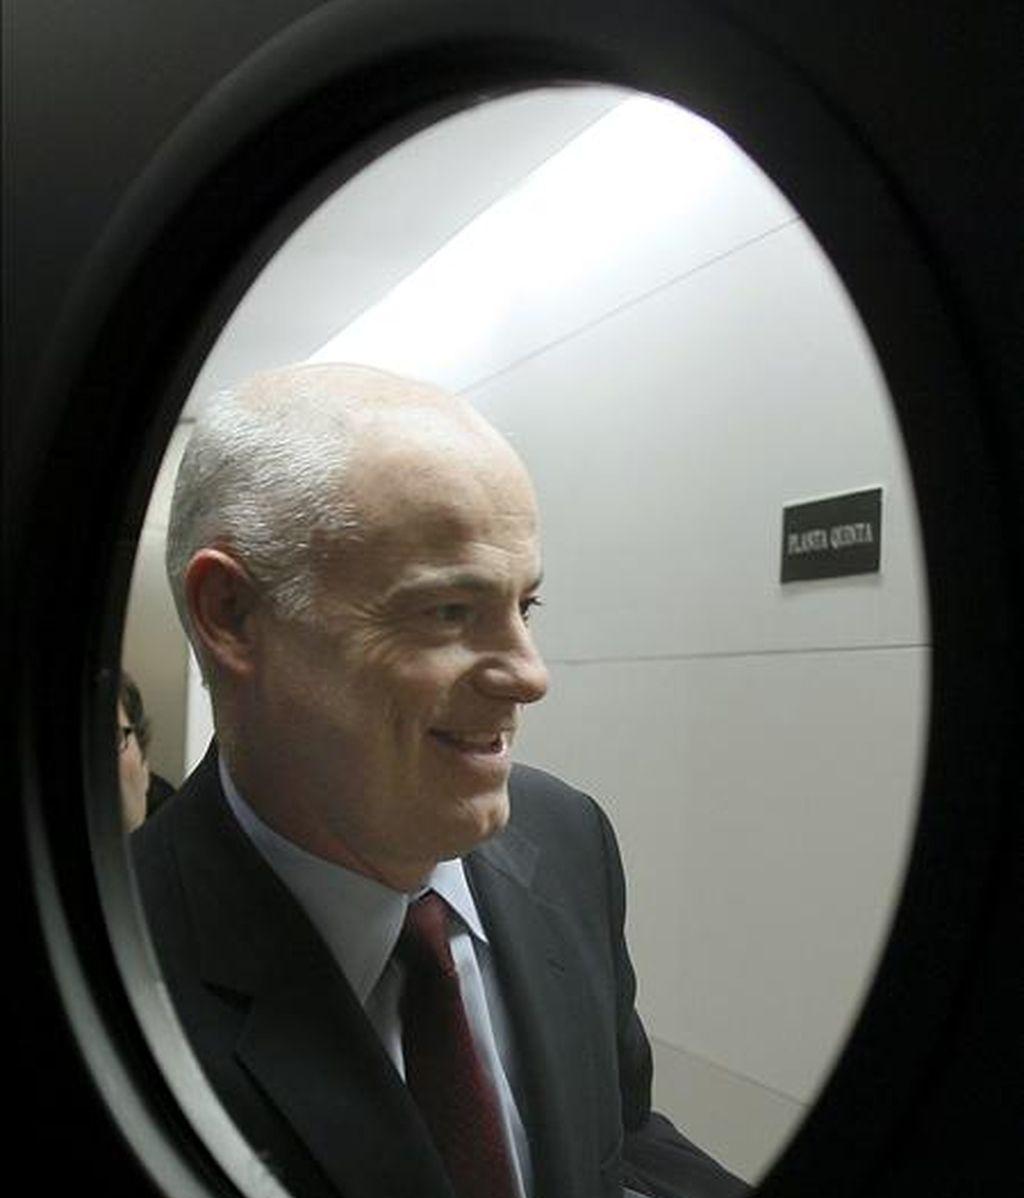 El secretario de Estado de Economía, José Manuel Campa, momentos antes de su comparecencia en la Comisión de Economía del Congreso para informar de la coyuntura económica y financiera y sobre el Fondo de Adquisición de Activos Financieros y el Fondo de Reestructuración Ordenada Bancaria. EFE